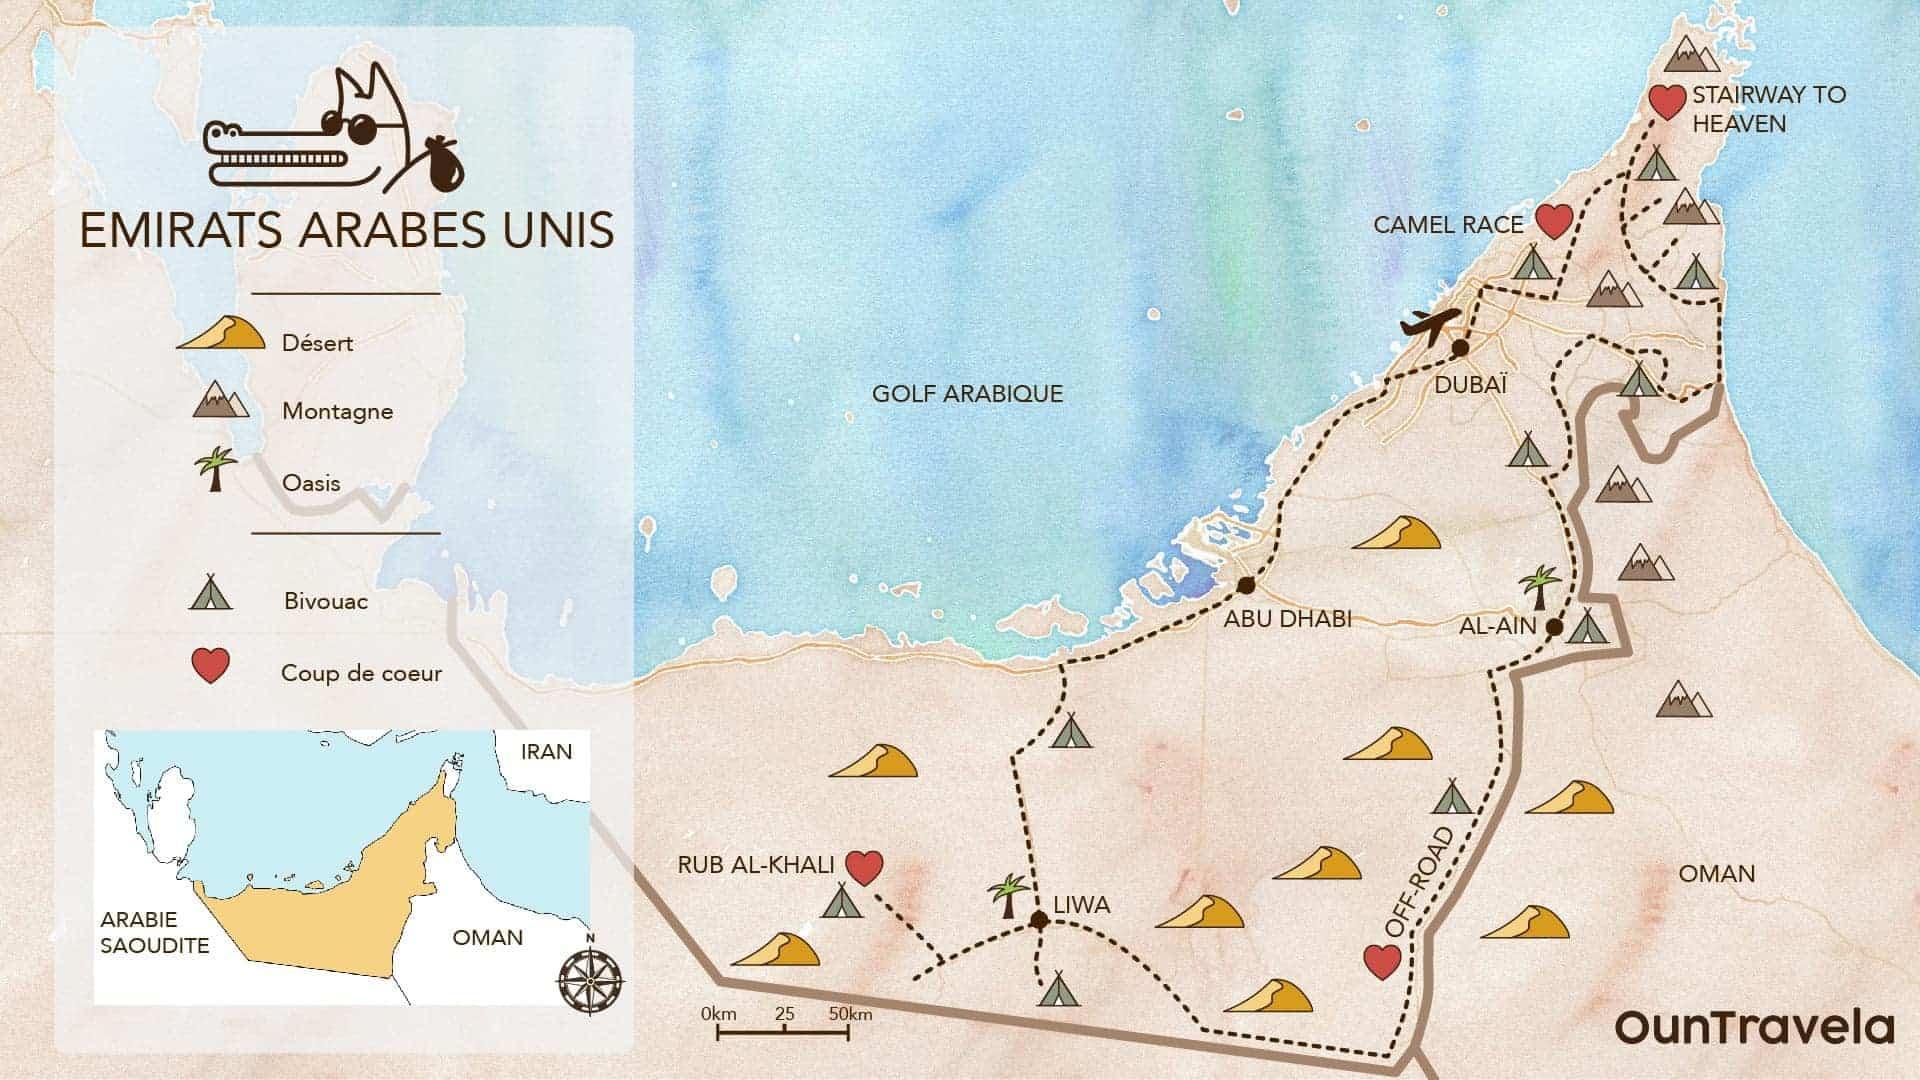 UAE off-road : carte itineraire 4x4 moto emirats arabes unis Ountravela et traces GPS spots bivouac